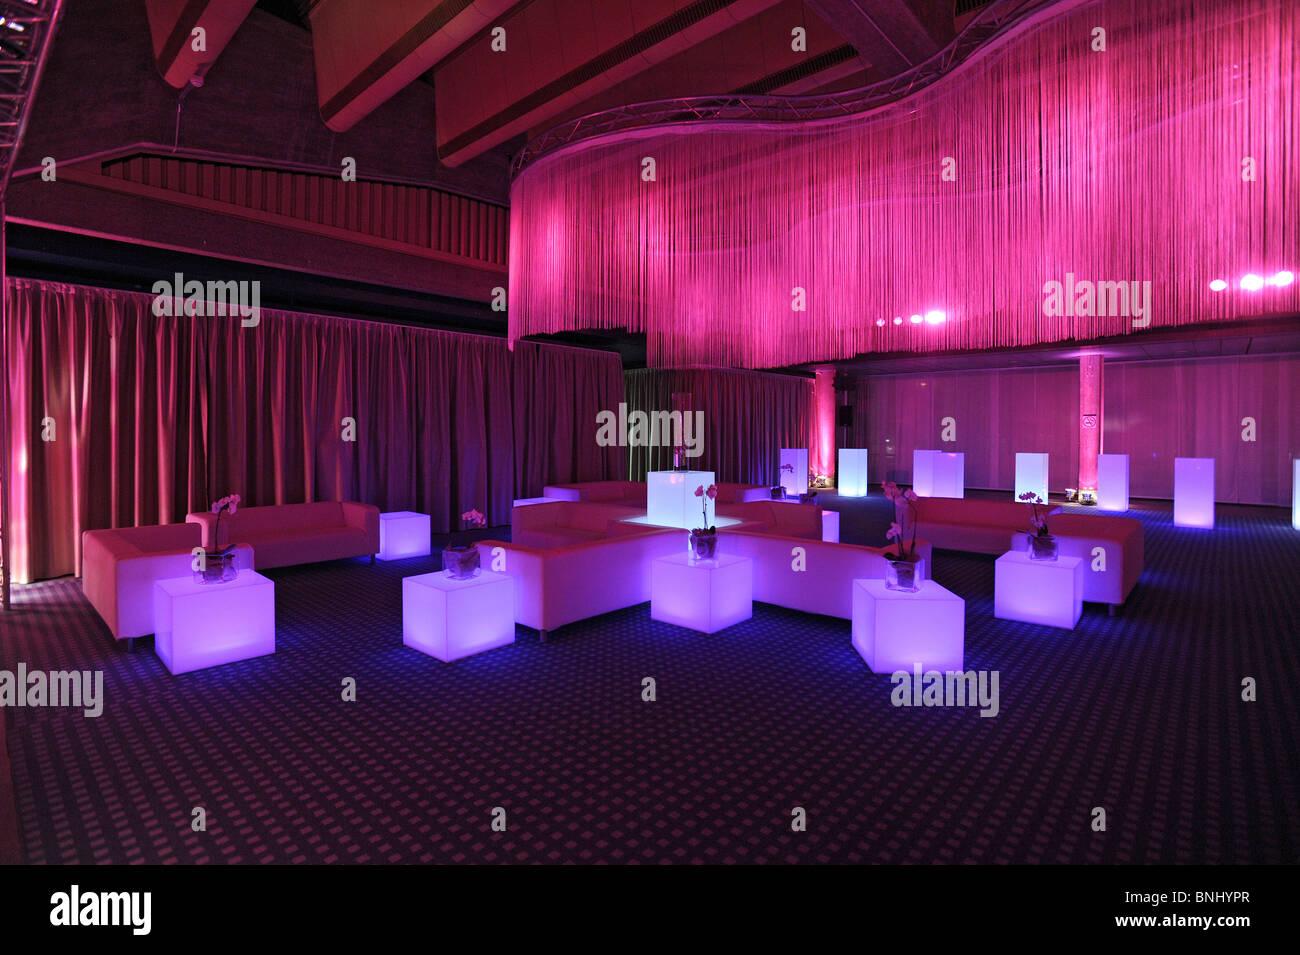 Evento società sera night club lounge sala partito illuminazione